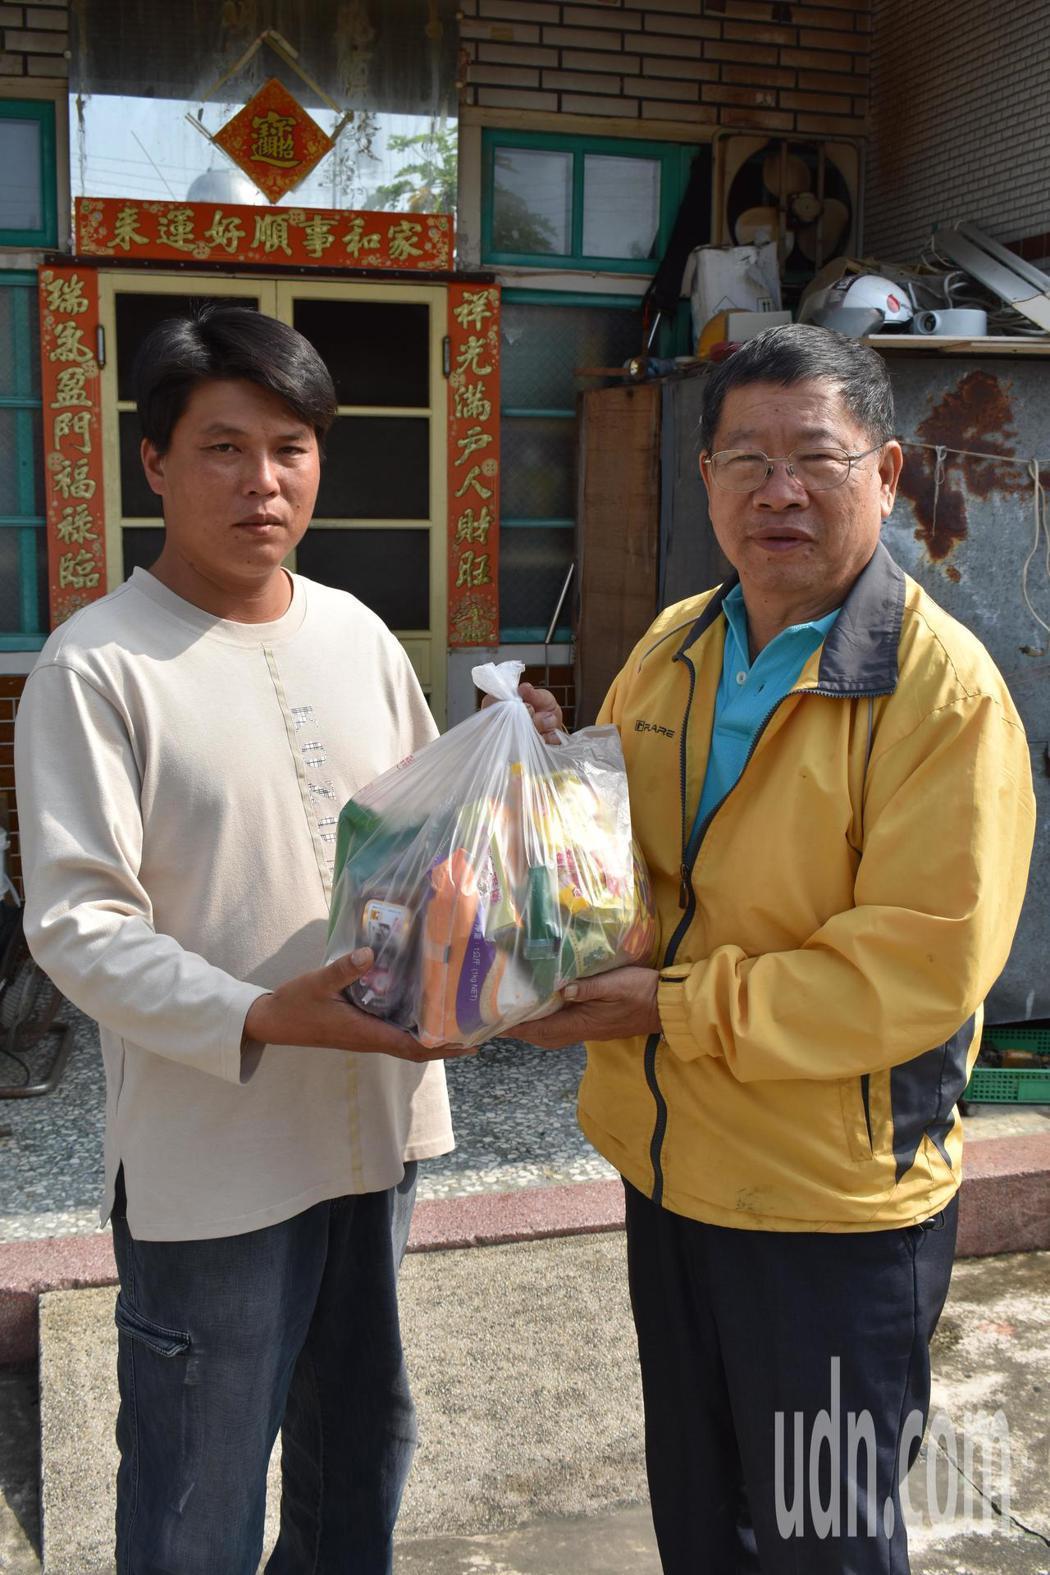 裕民村長翁永德(右)陪同翁壽繁(左)向外界求援。記者謝恩得/攝影